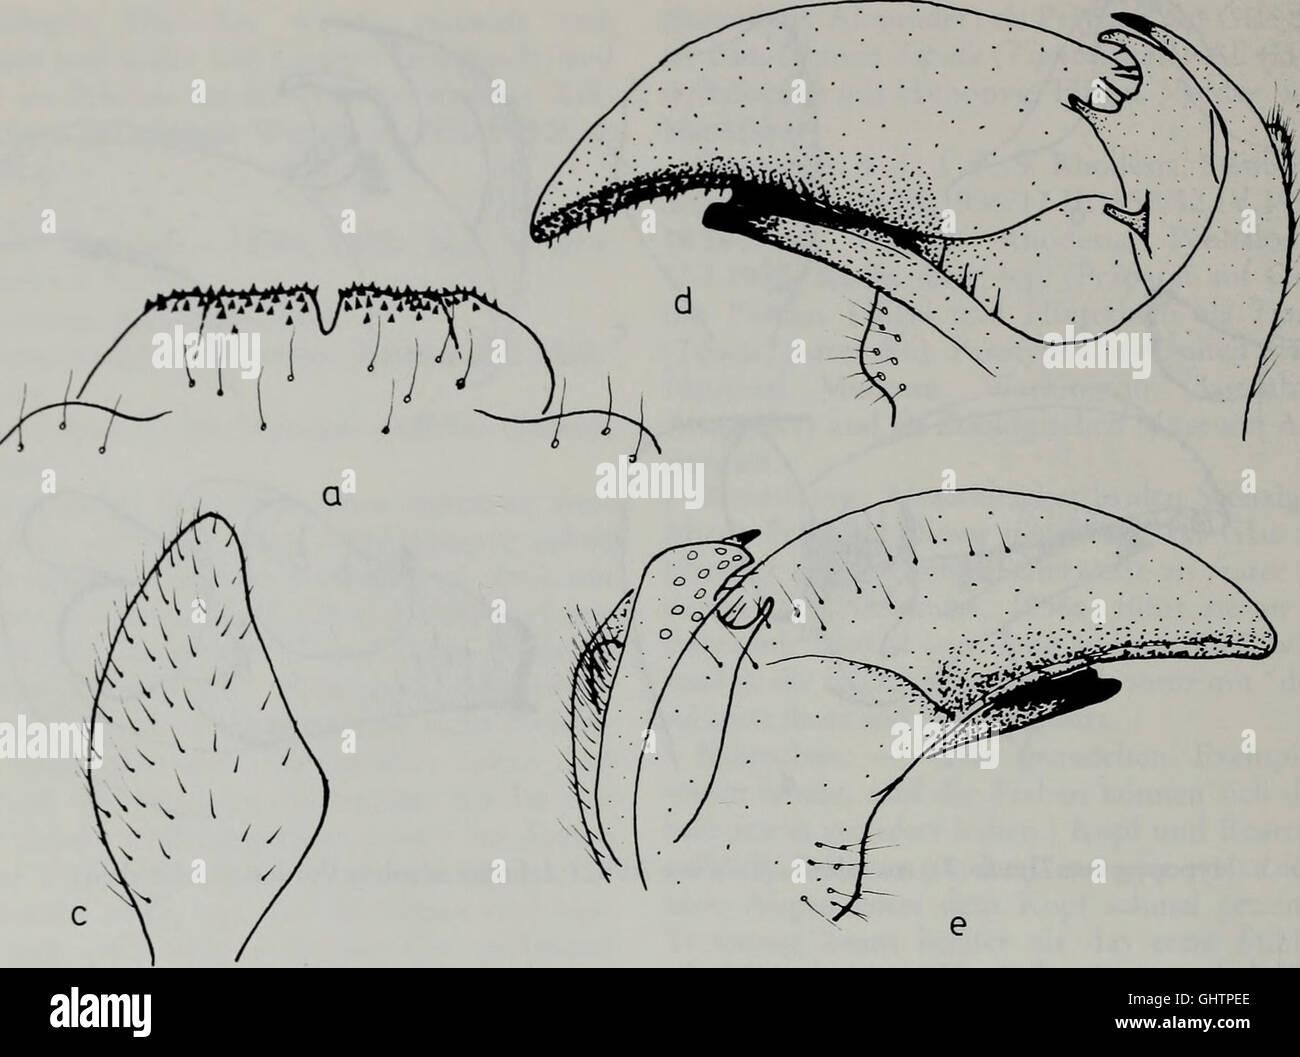 Tijdschrift Voor Entomologie (1984) Stockbild